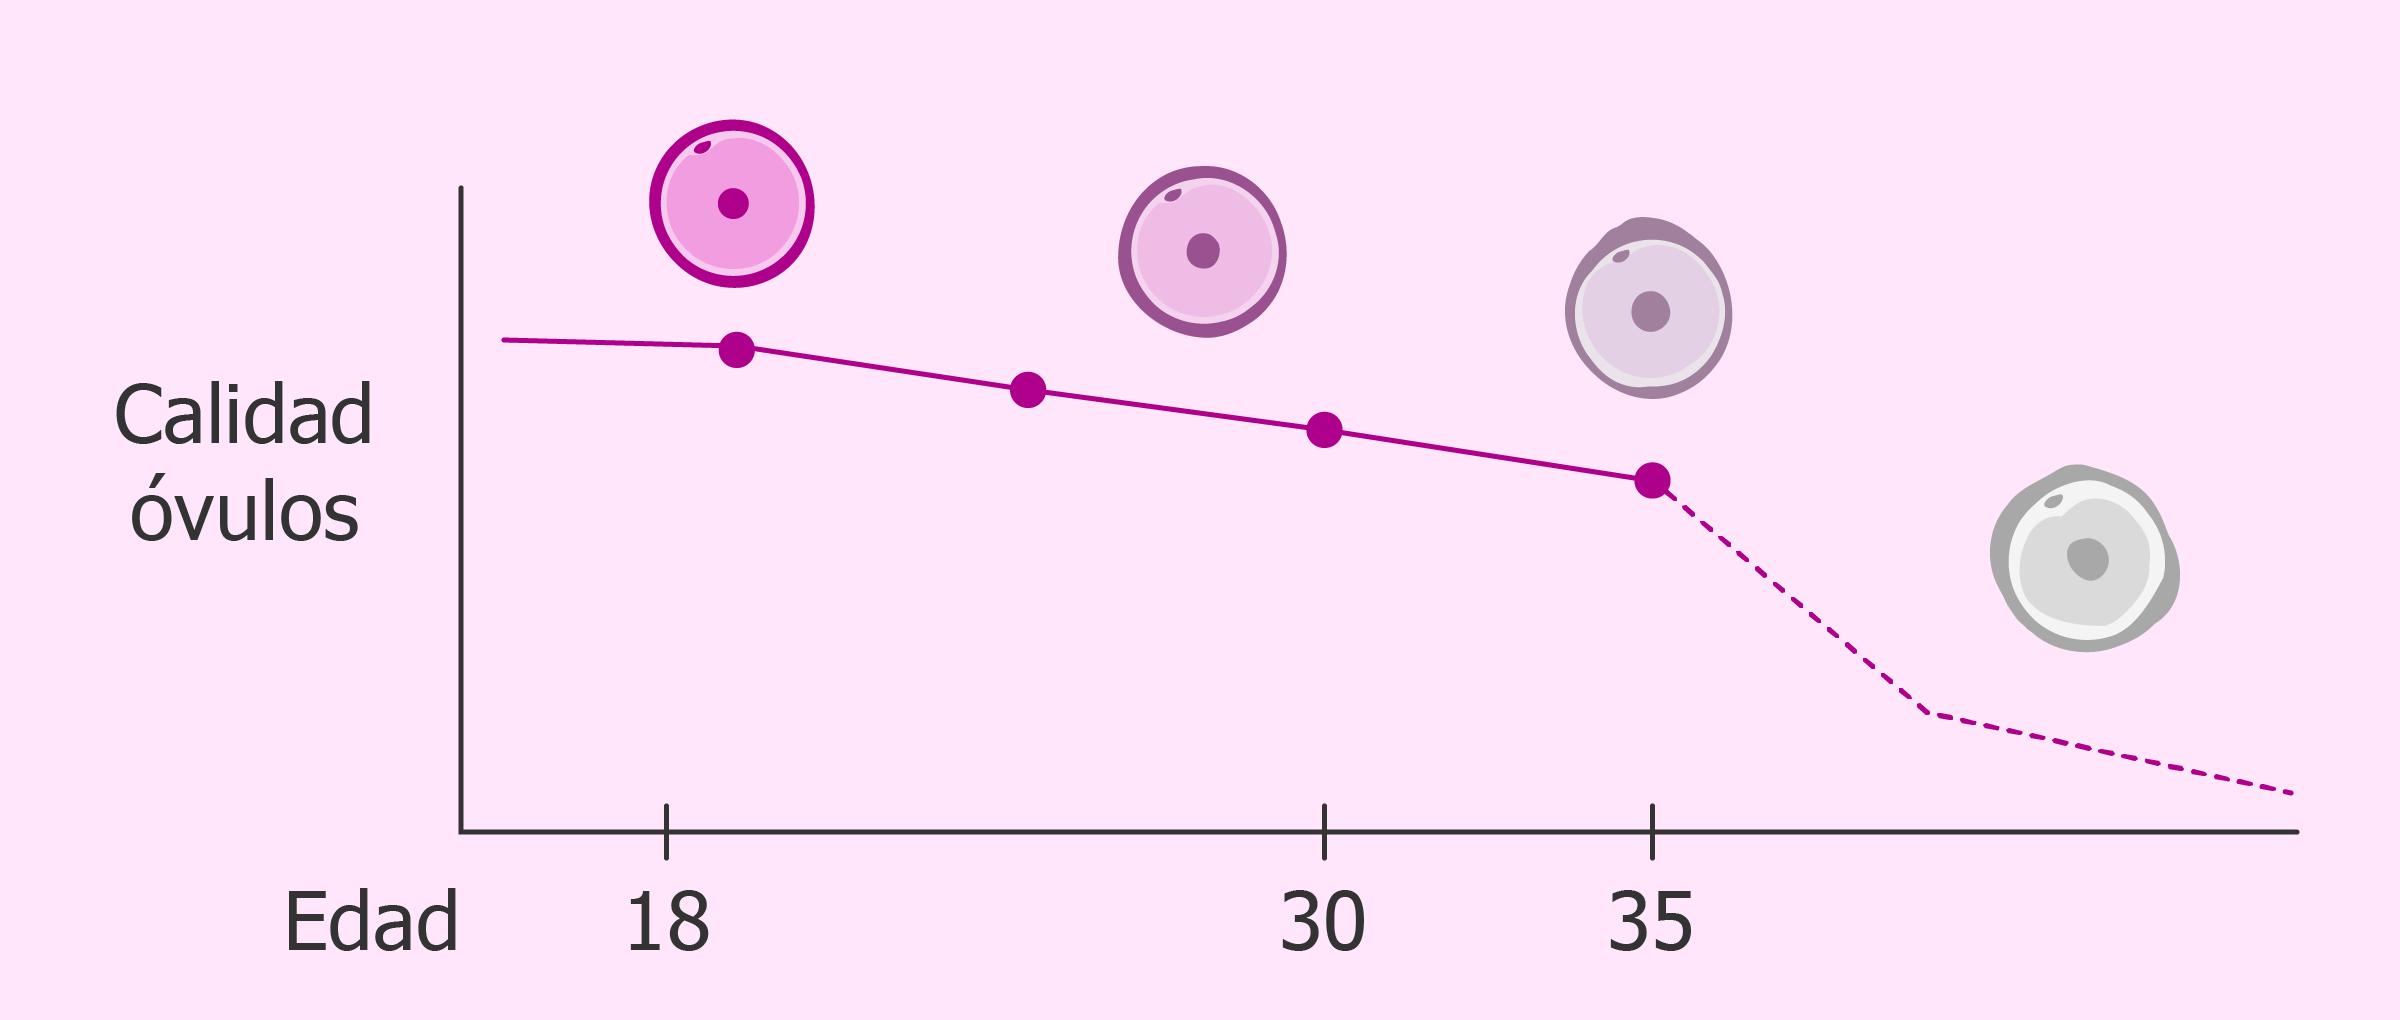 La calidad de los óvulos empeora con los años